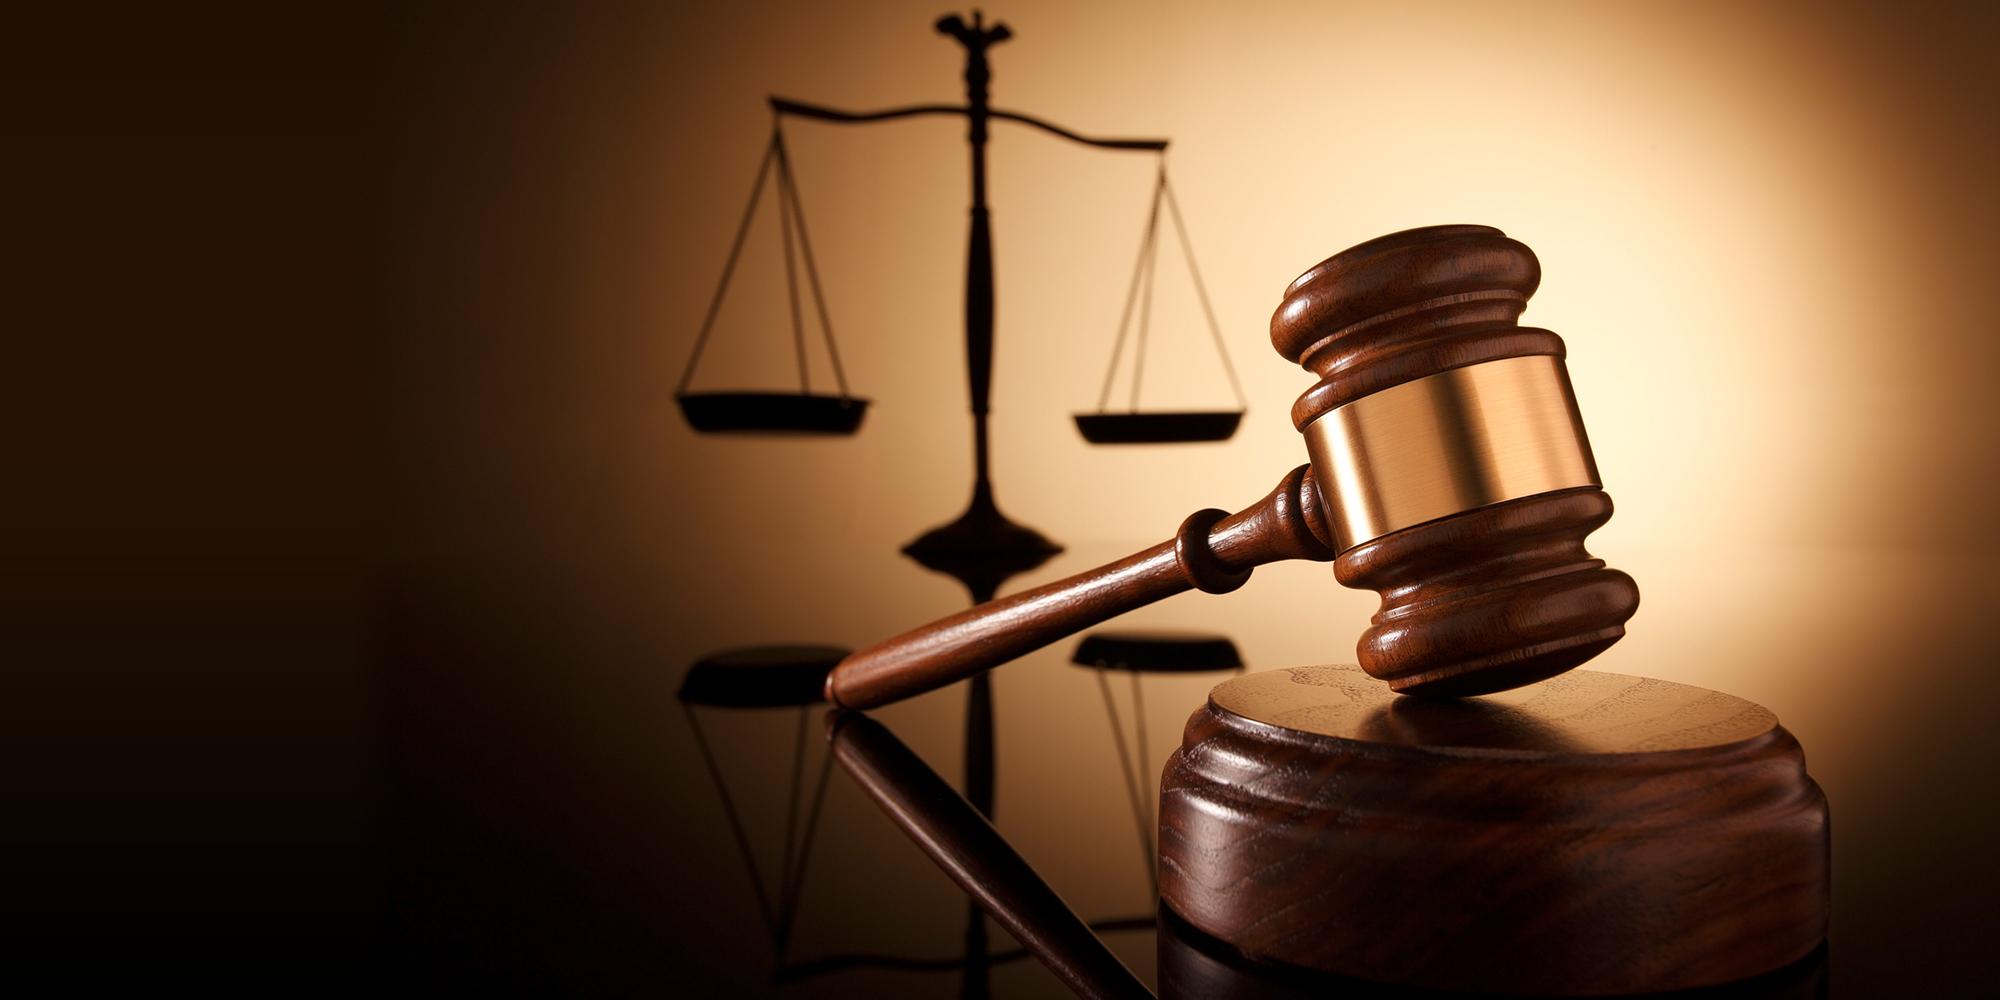 Thai Legal Advice